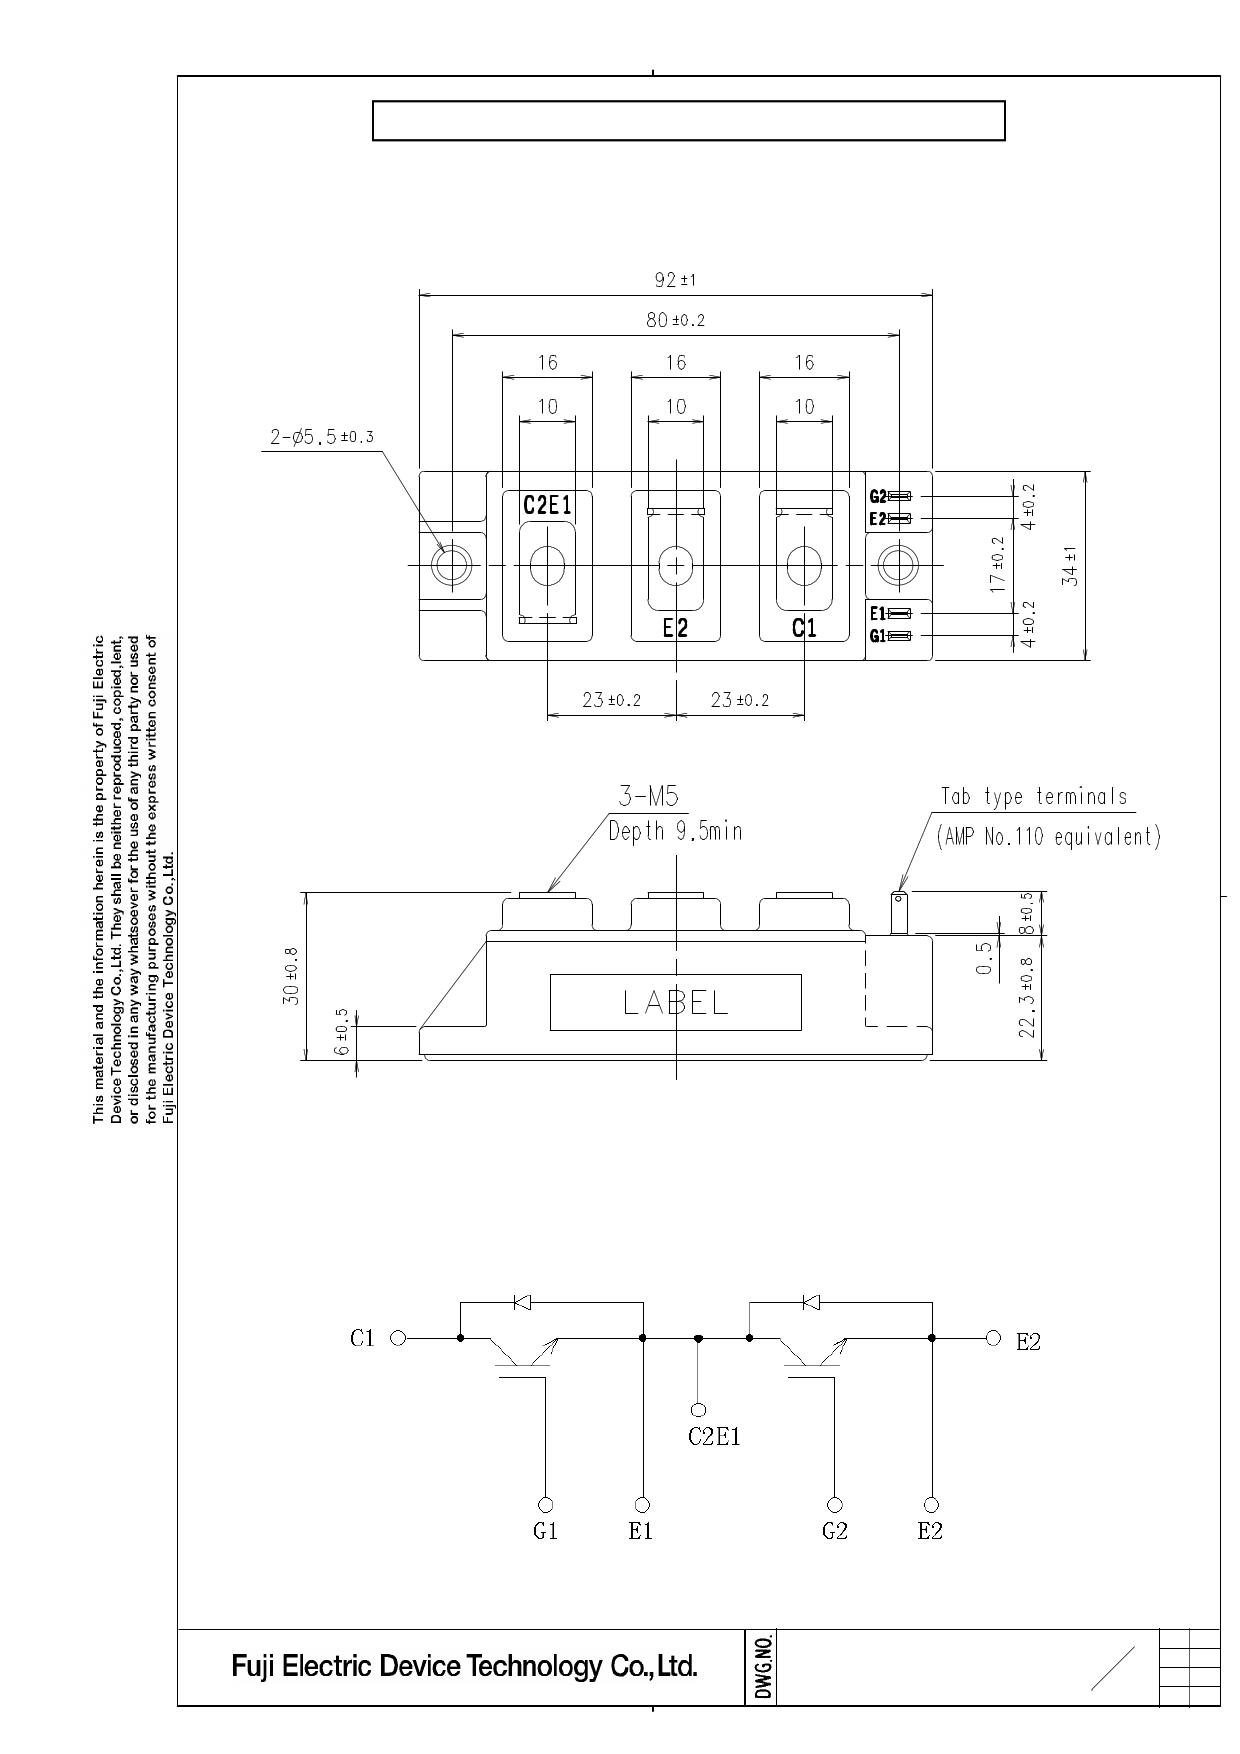 2MBI150U4A-120 Даташит, Описание, Даташиты